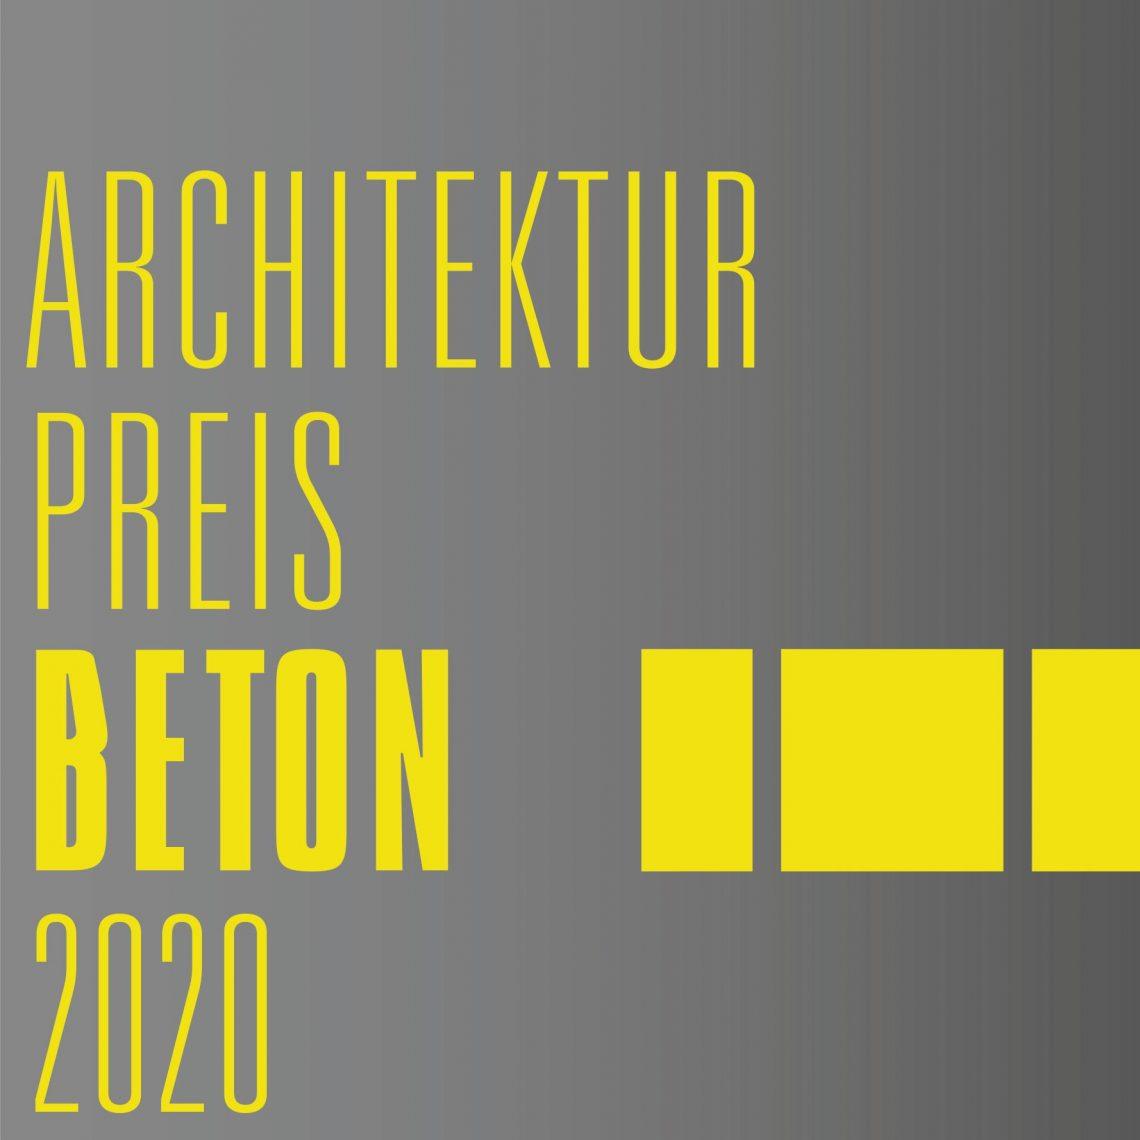 Architekturpreis Beton